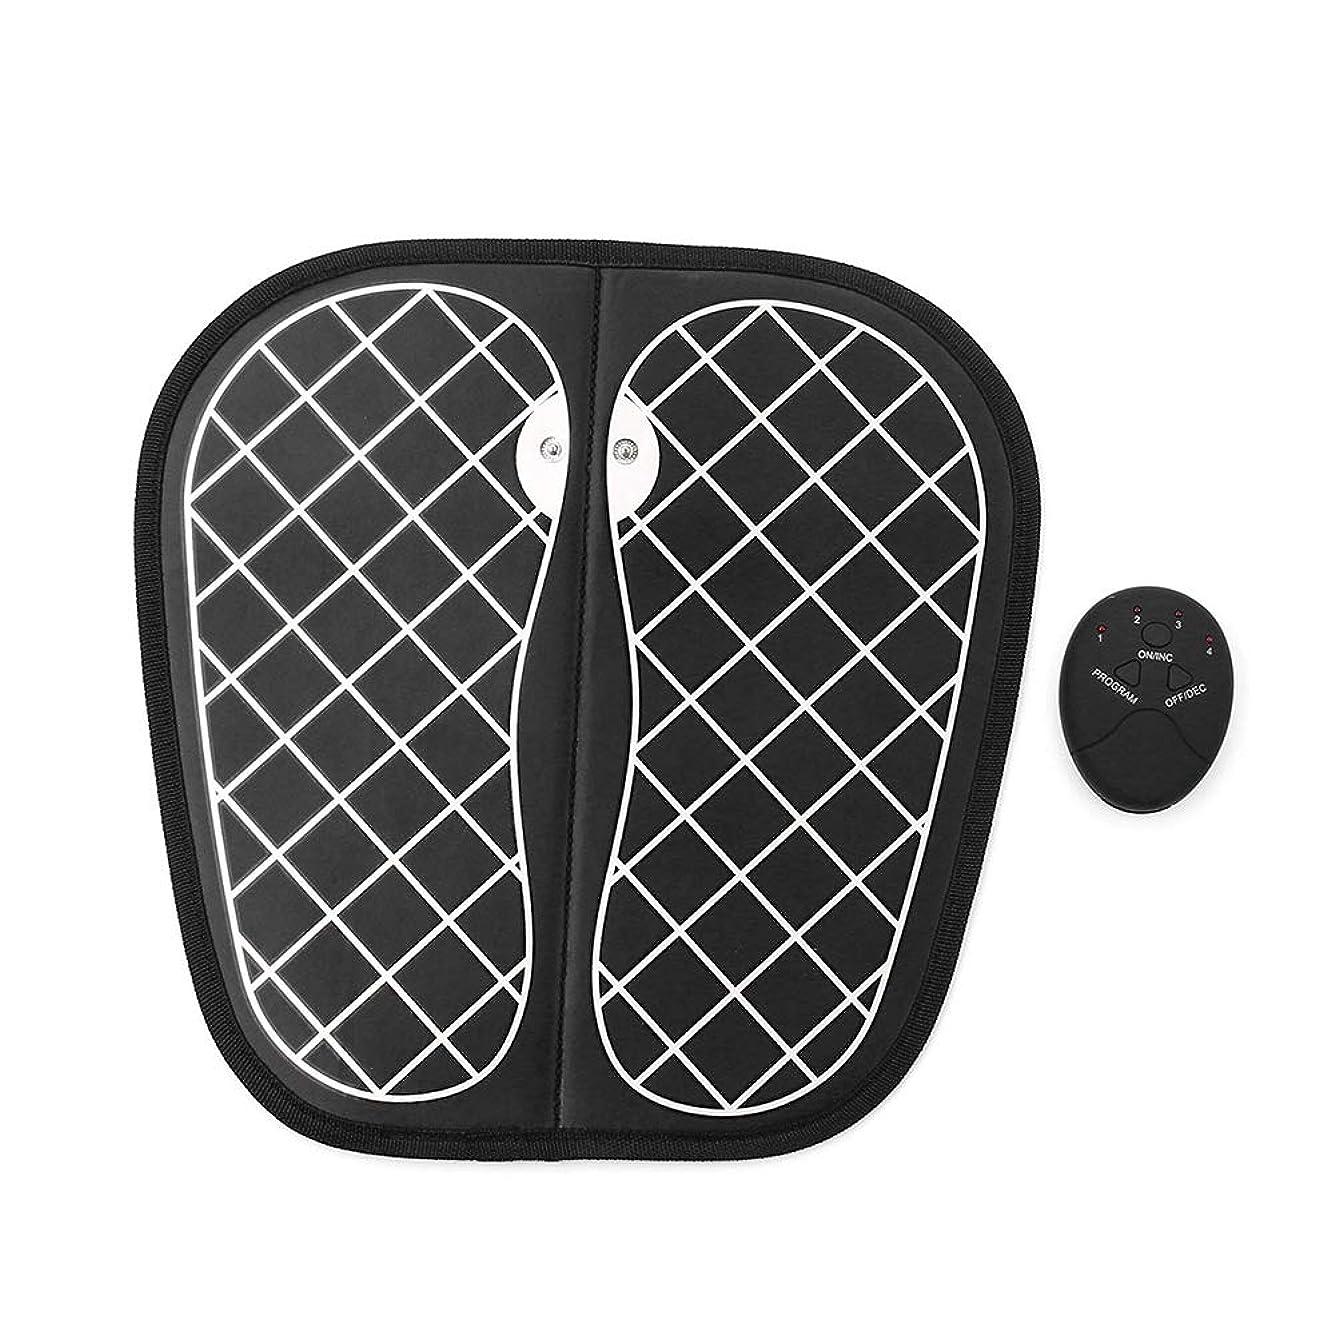 窓偶然電子EMSフットマッサージャー、折りたたみ携帯用電気マッサージマット、電子筋肉理学療法マッサージ器は、血液循環を改善します